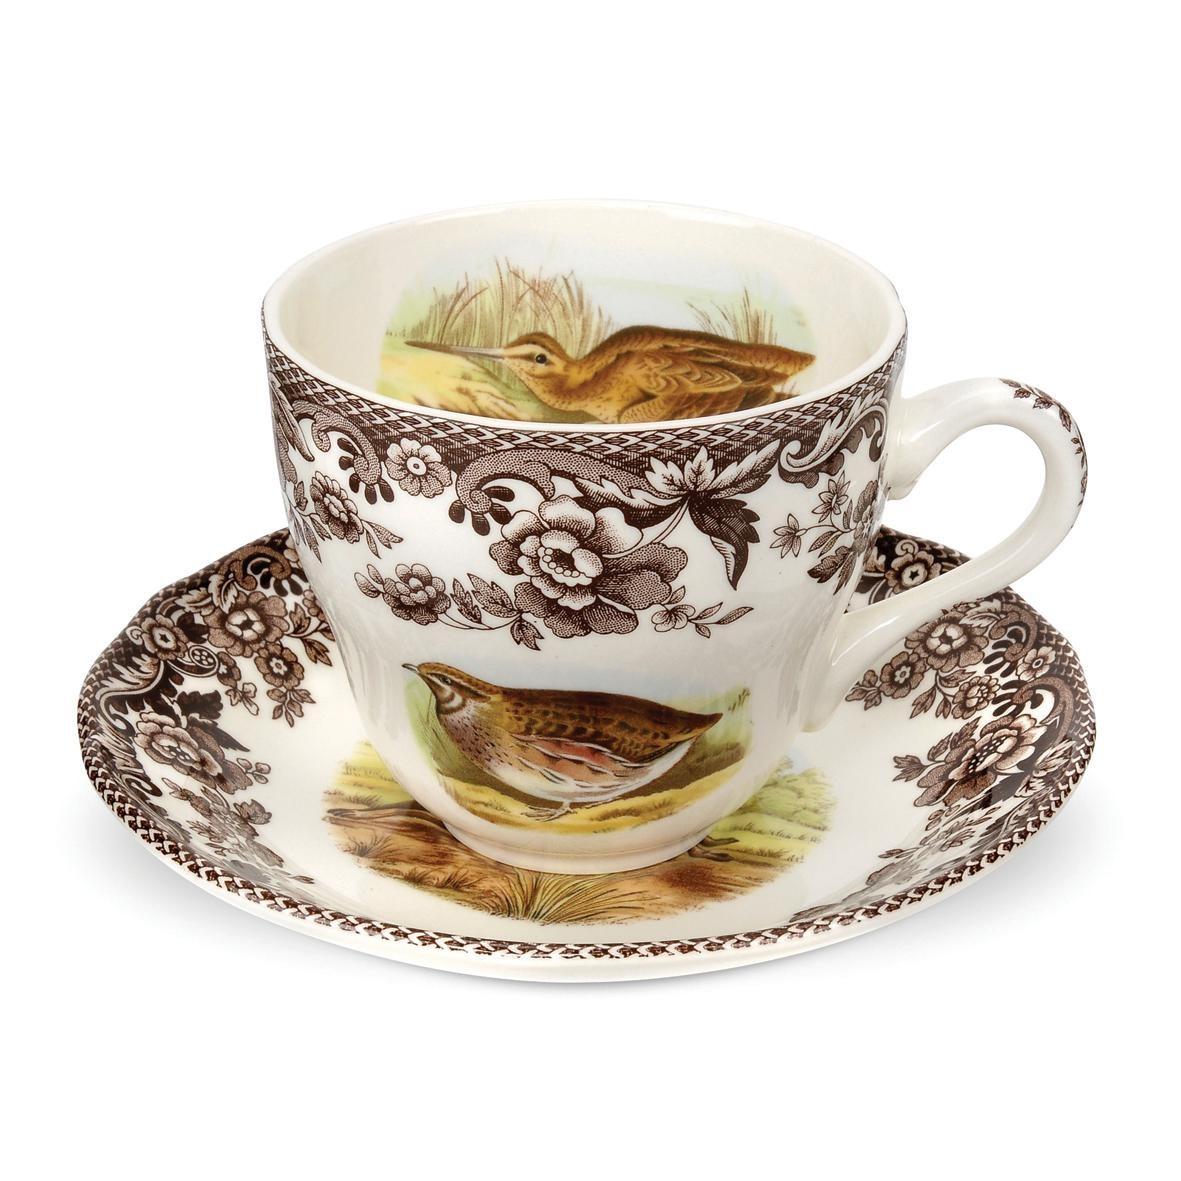 Чашка чайная с блюдцем Spode 200мл английские охотничьи мотивы (SPD-WL1162)